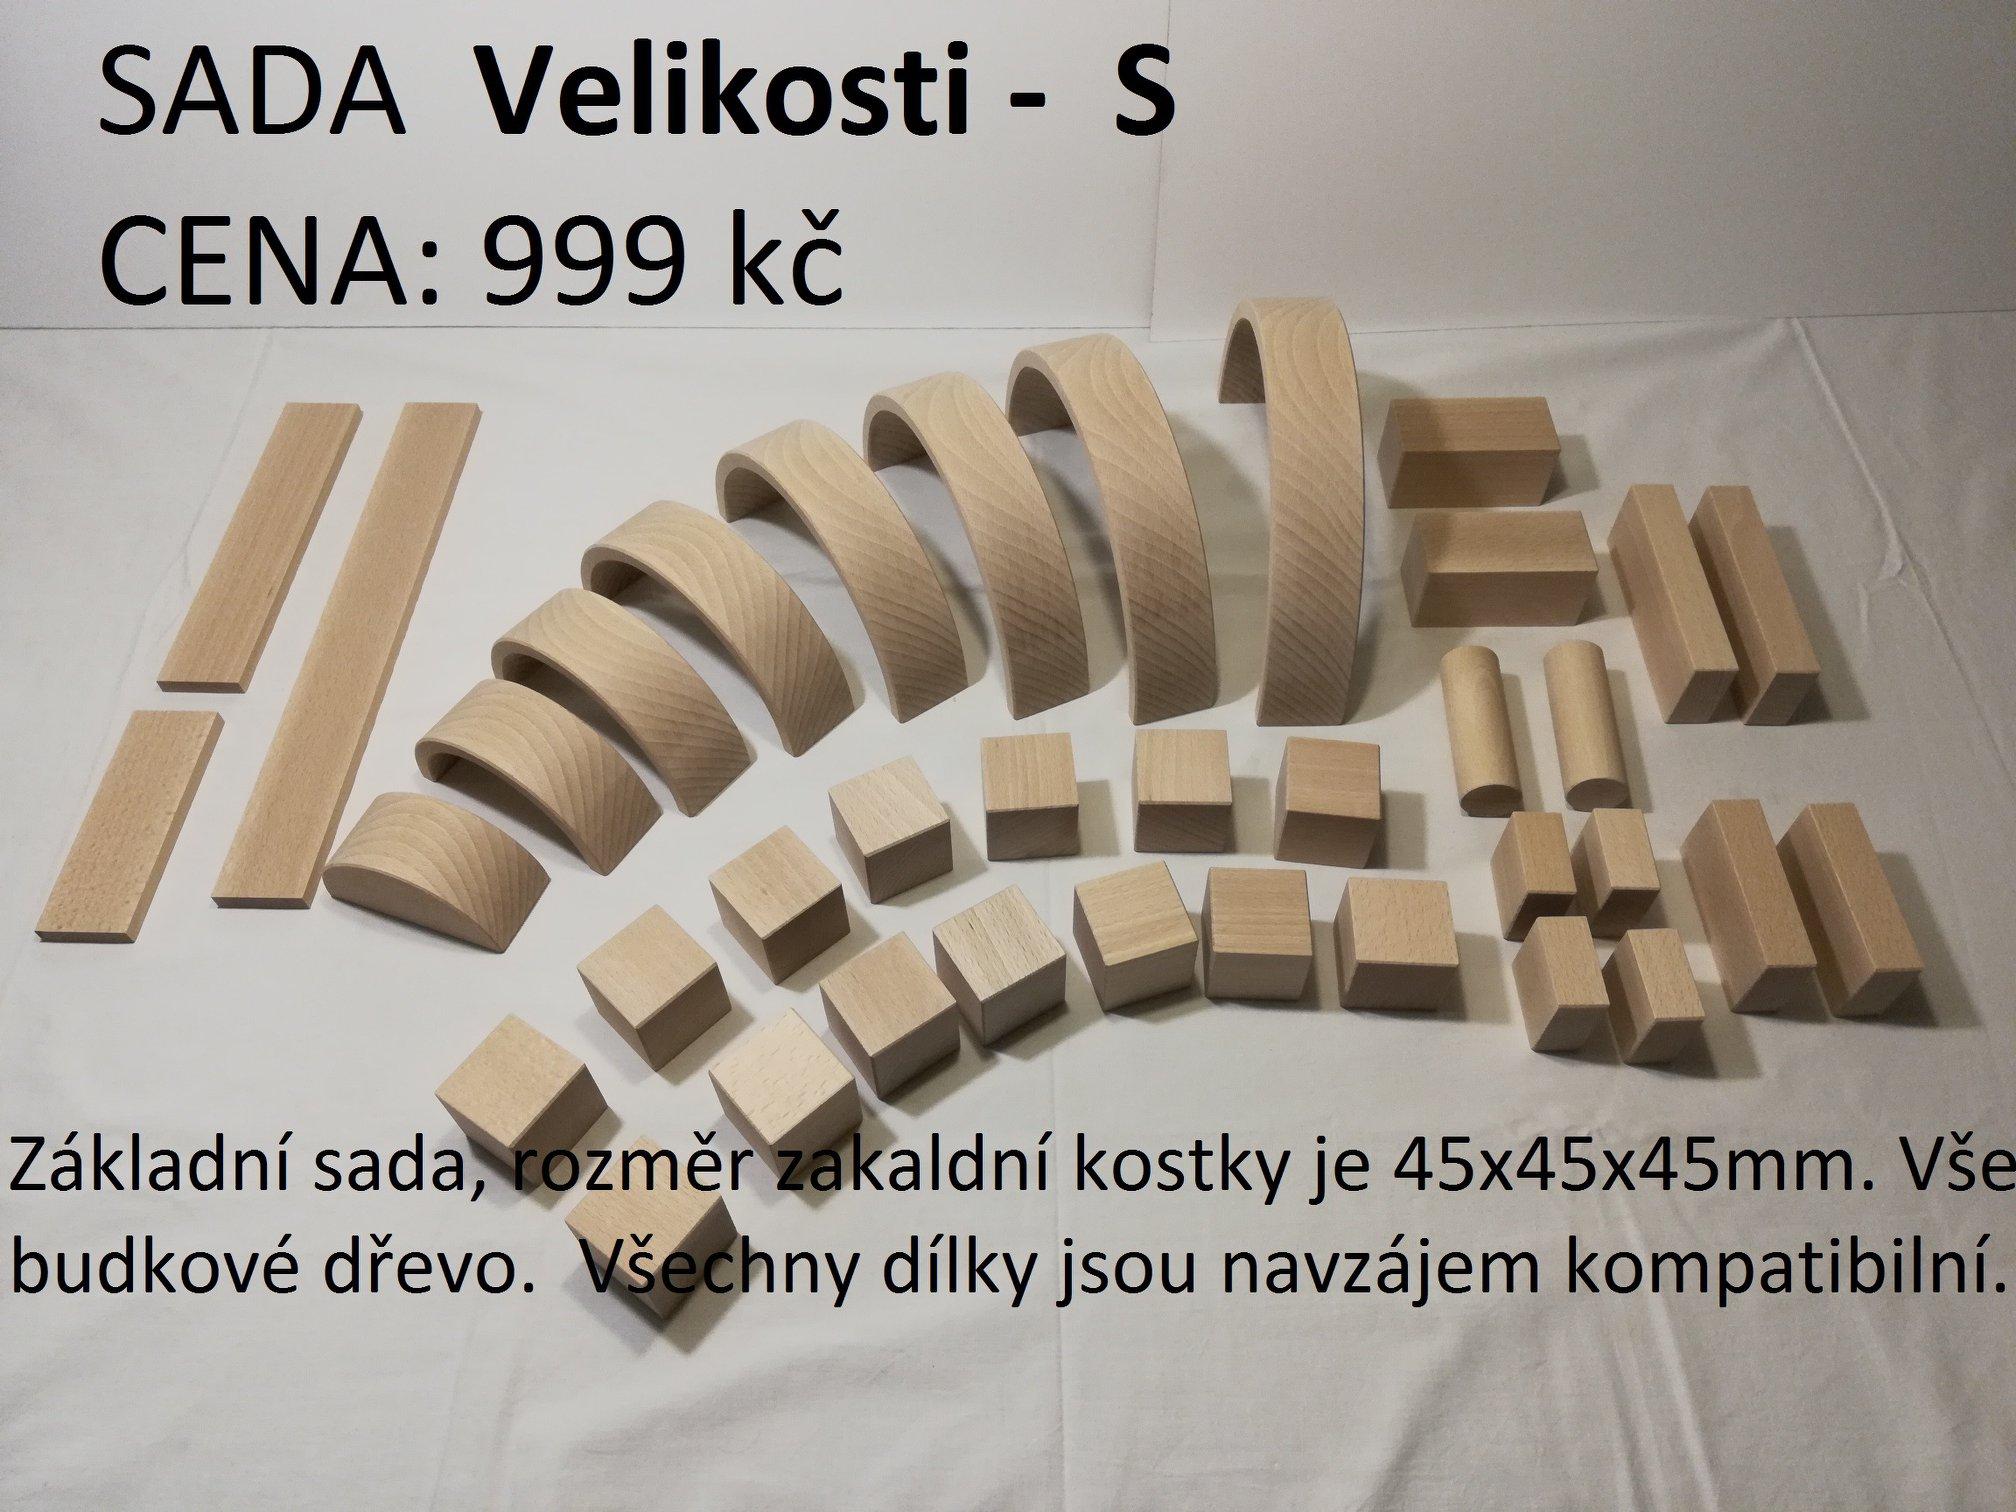 item-1874088329